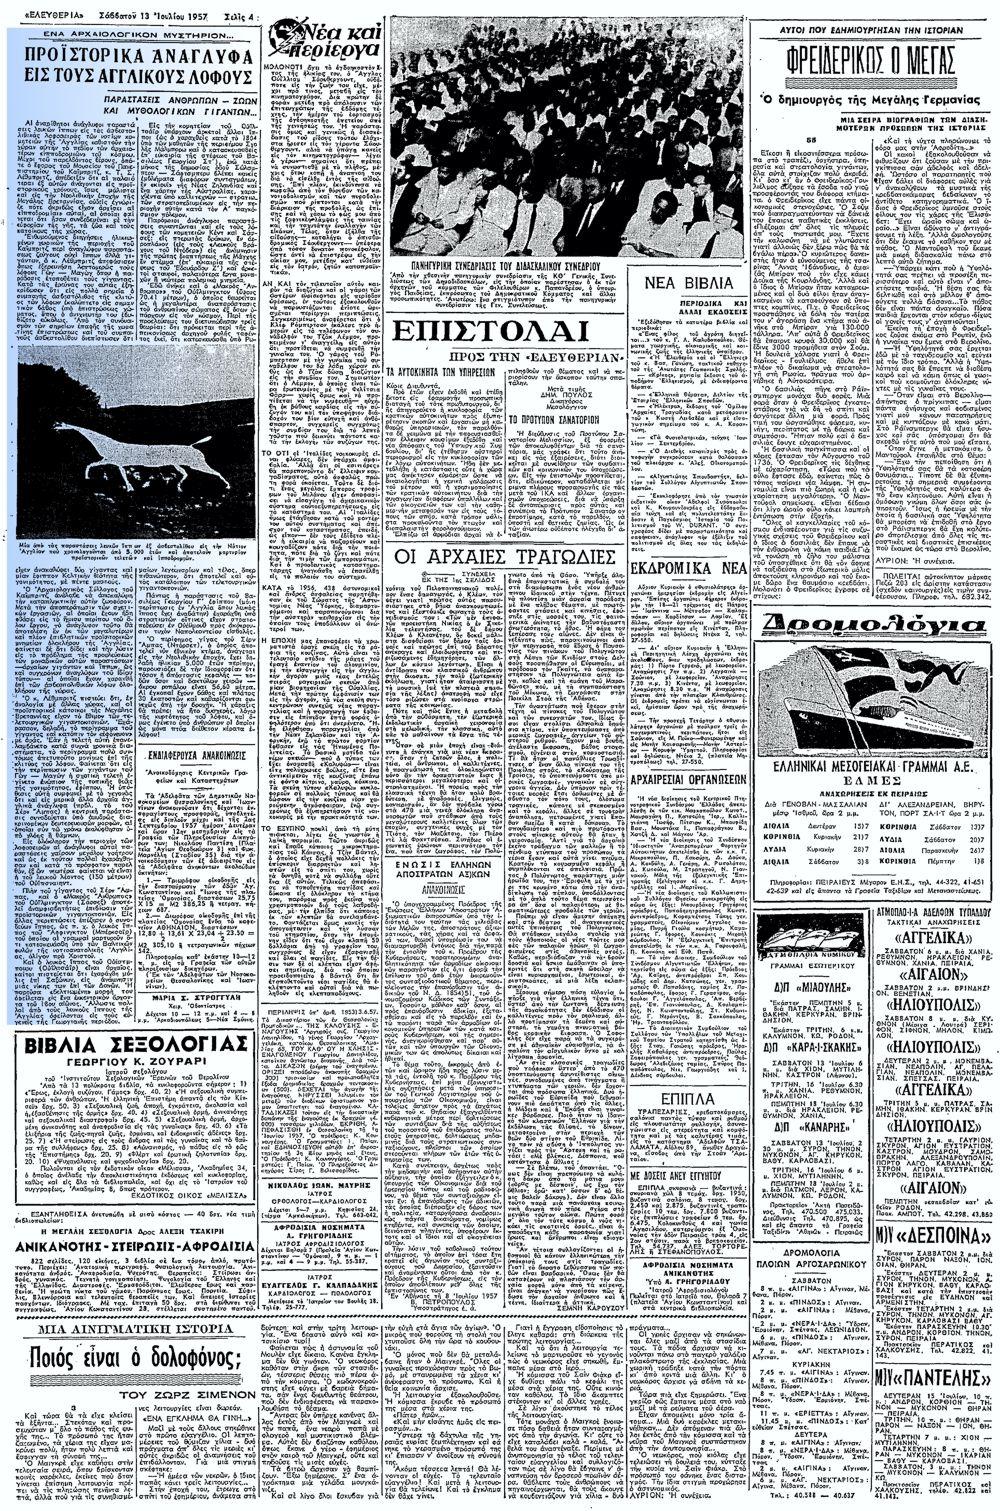 """Το άρθρο, όπως δημοσιεύθηκε στην εφημερίδα """"ΕΛΕΥΘΕΡΙΑ"""", στις 13/07/1957"""